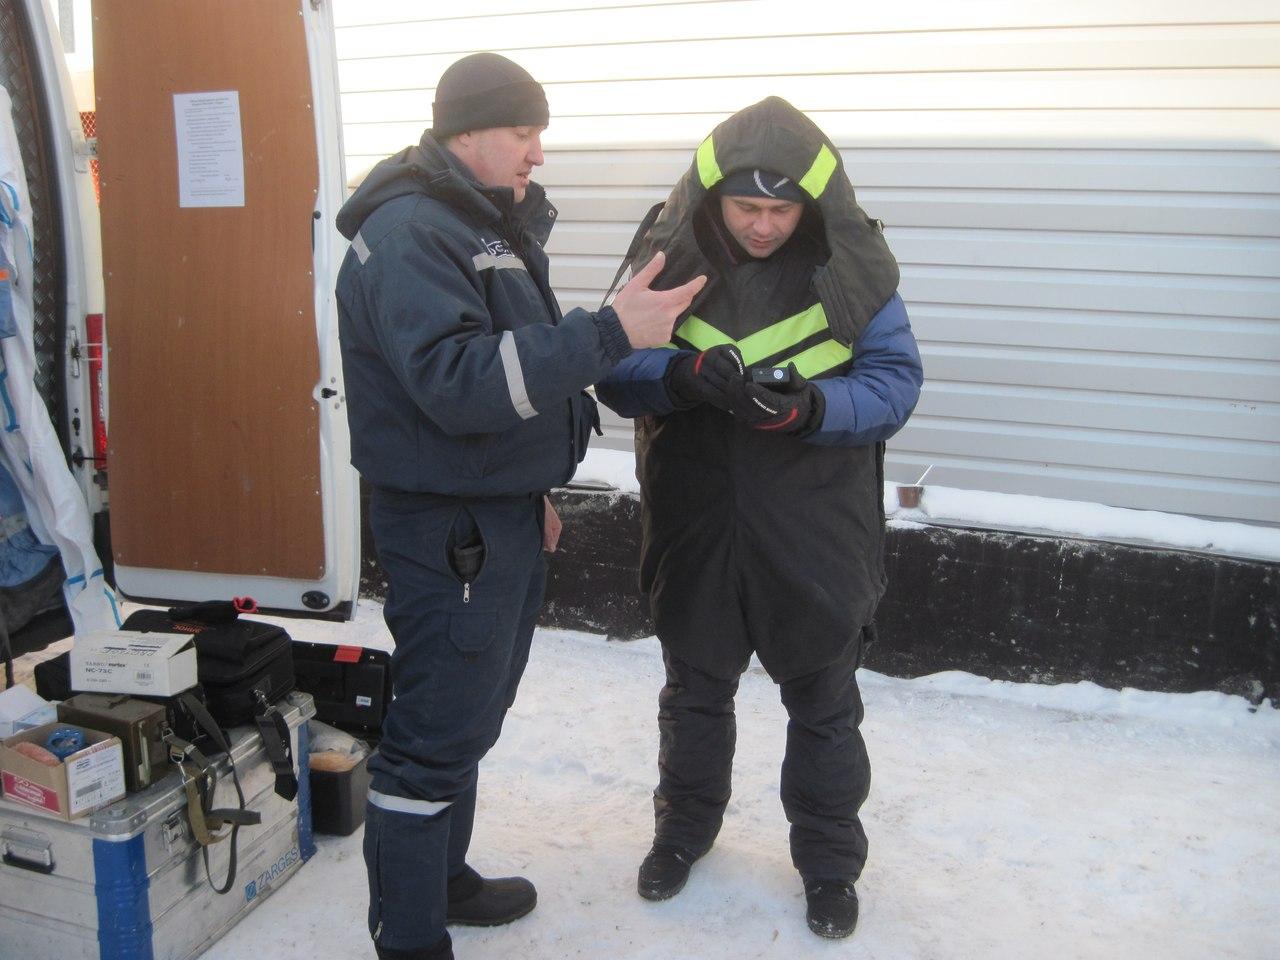 Спасатели отметили 15-летие ТОСЭР катанием на снегоходах с журналистами  4